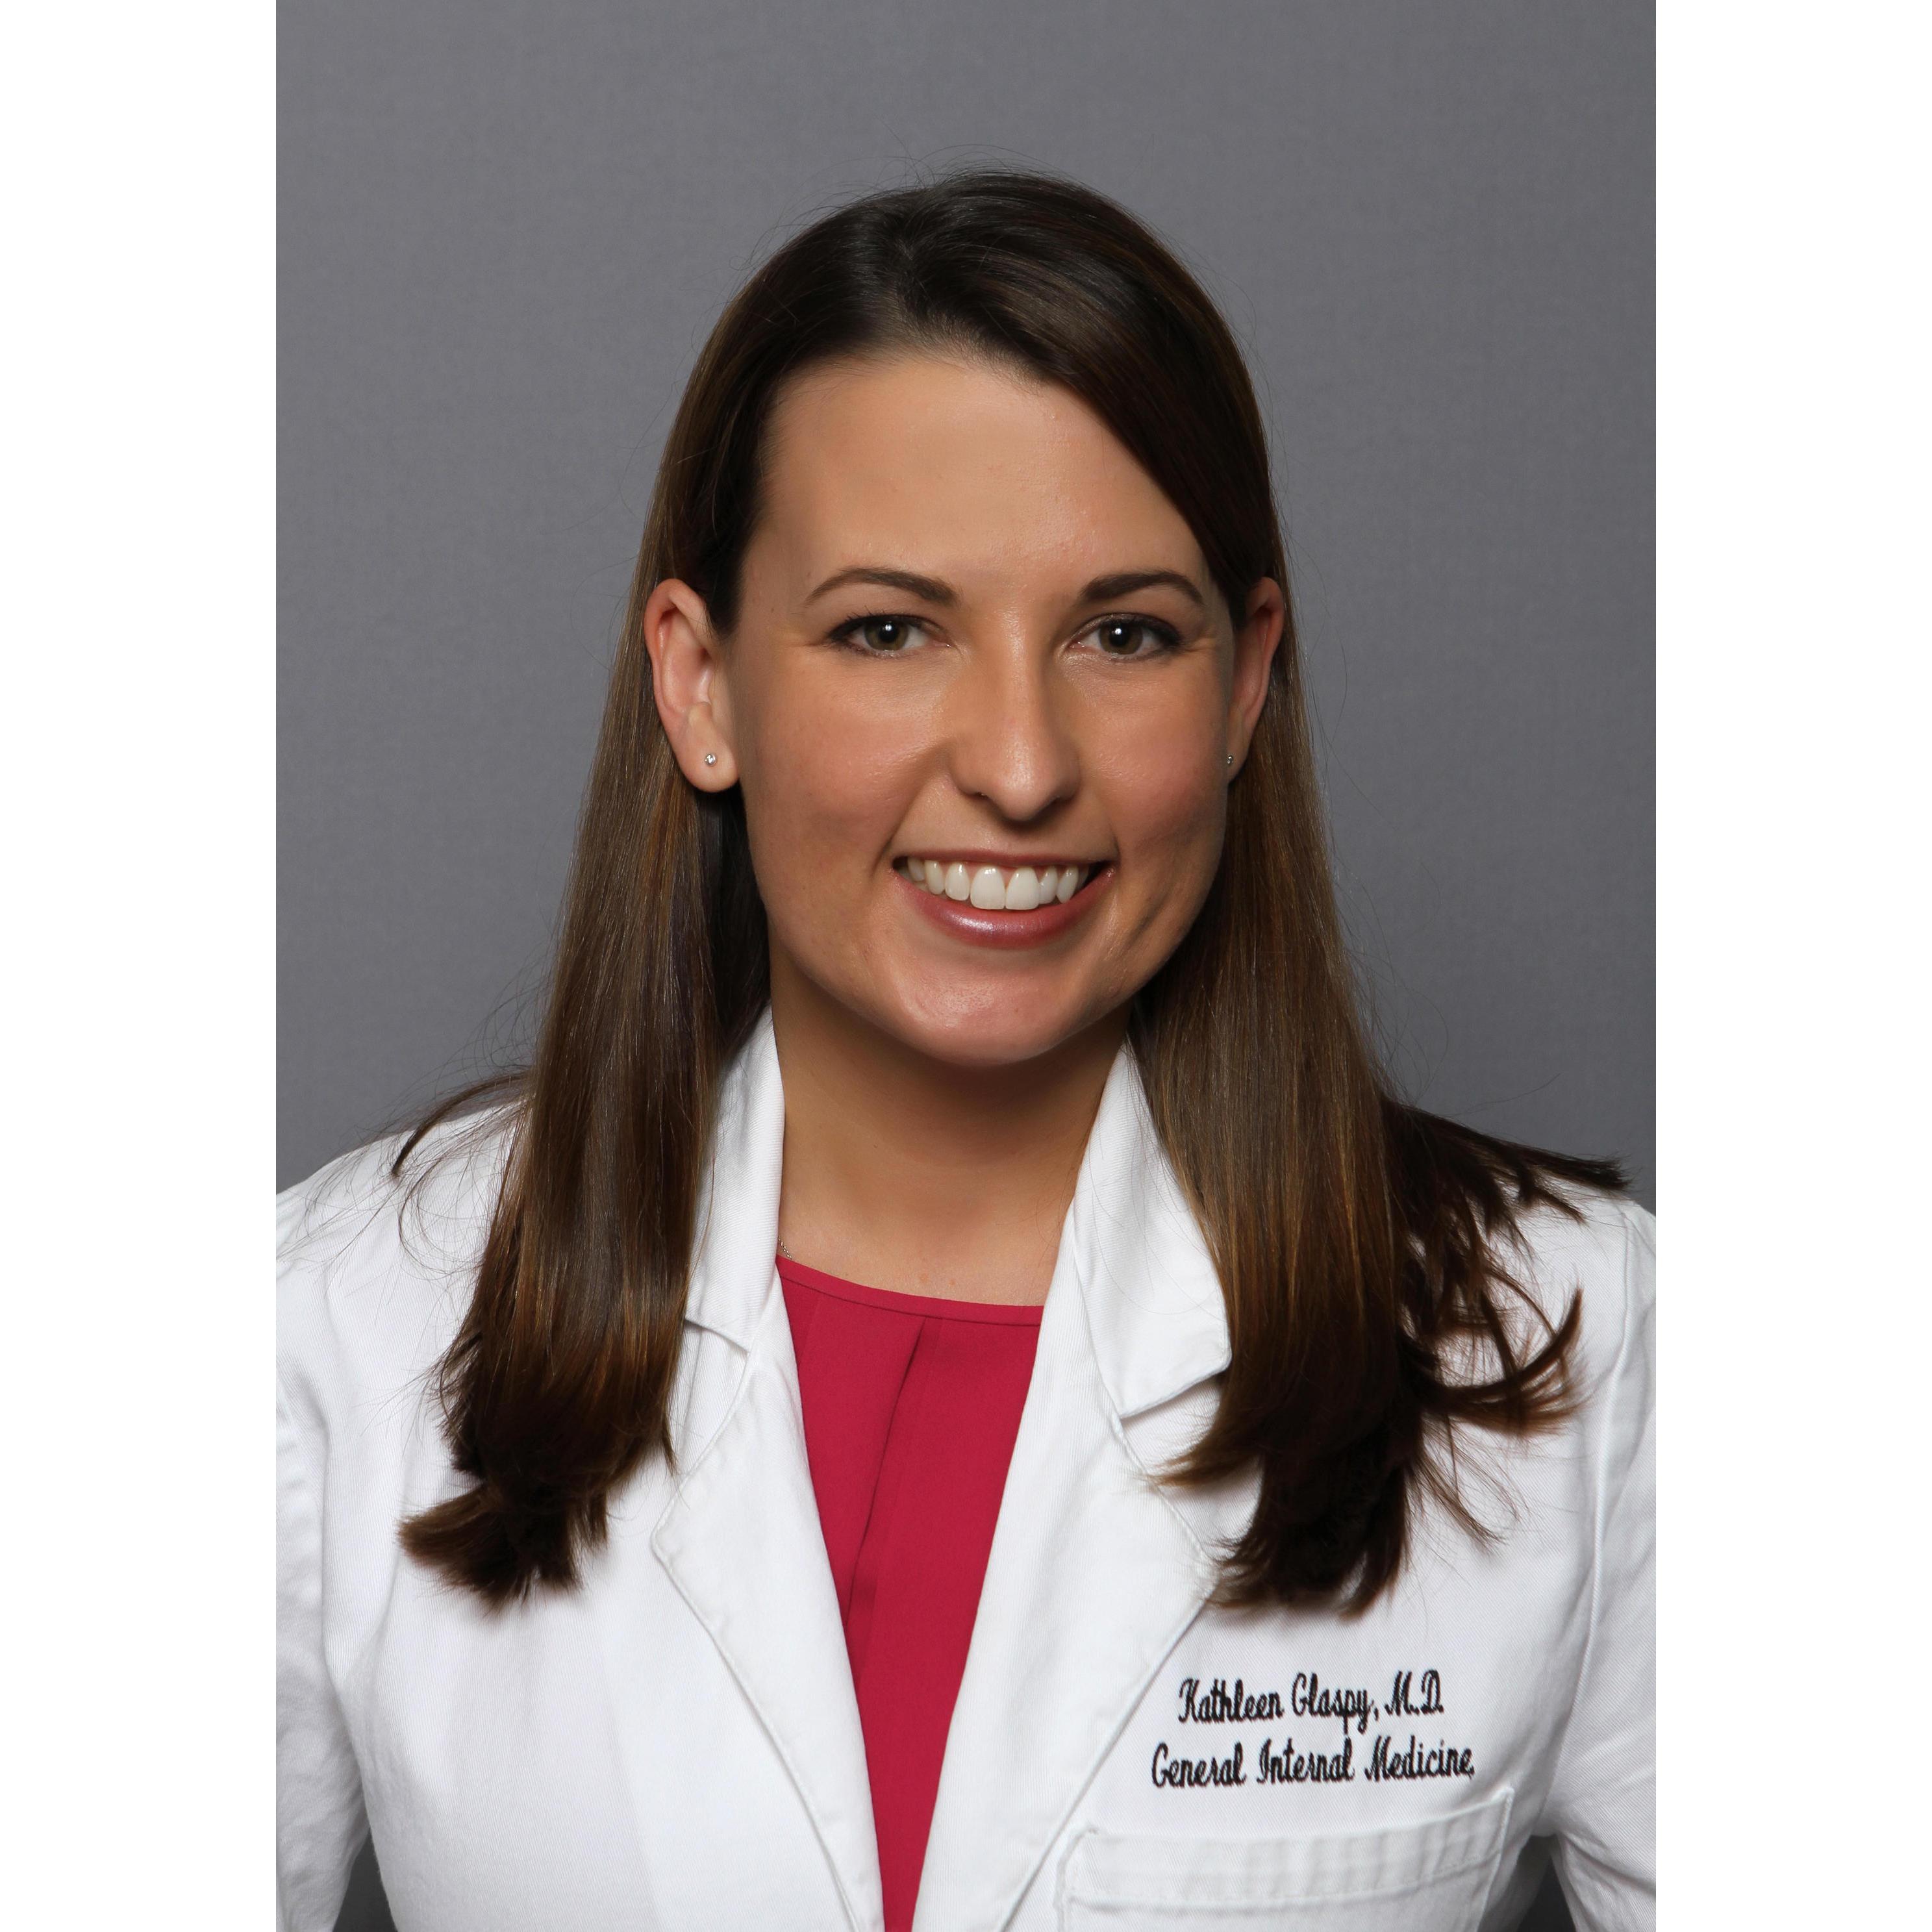 Kathleen Glaspy, MD